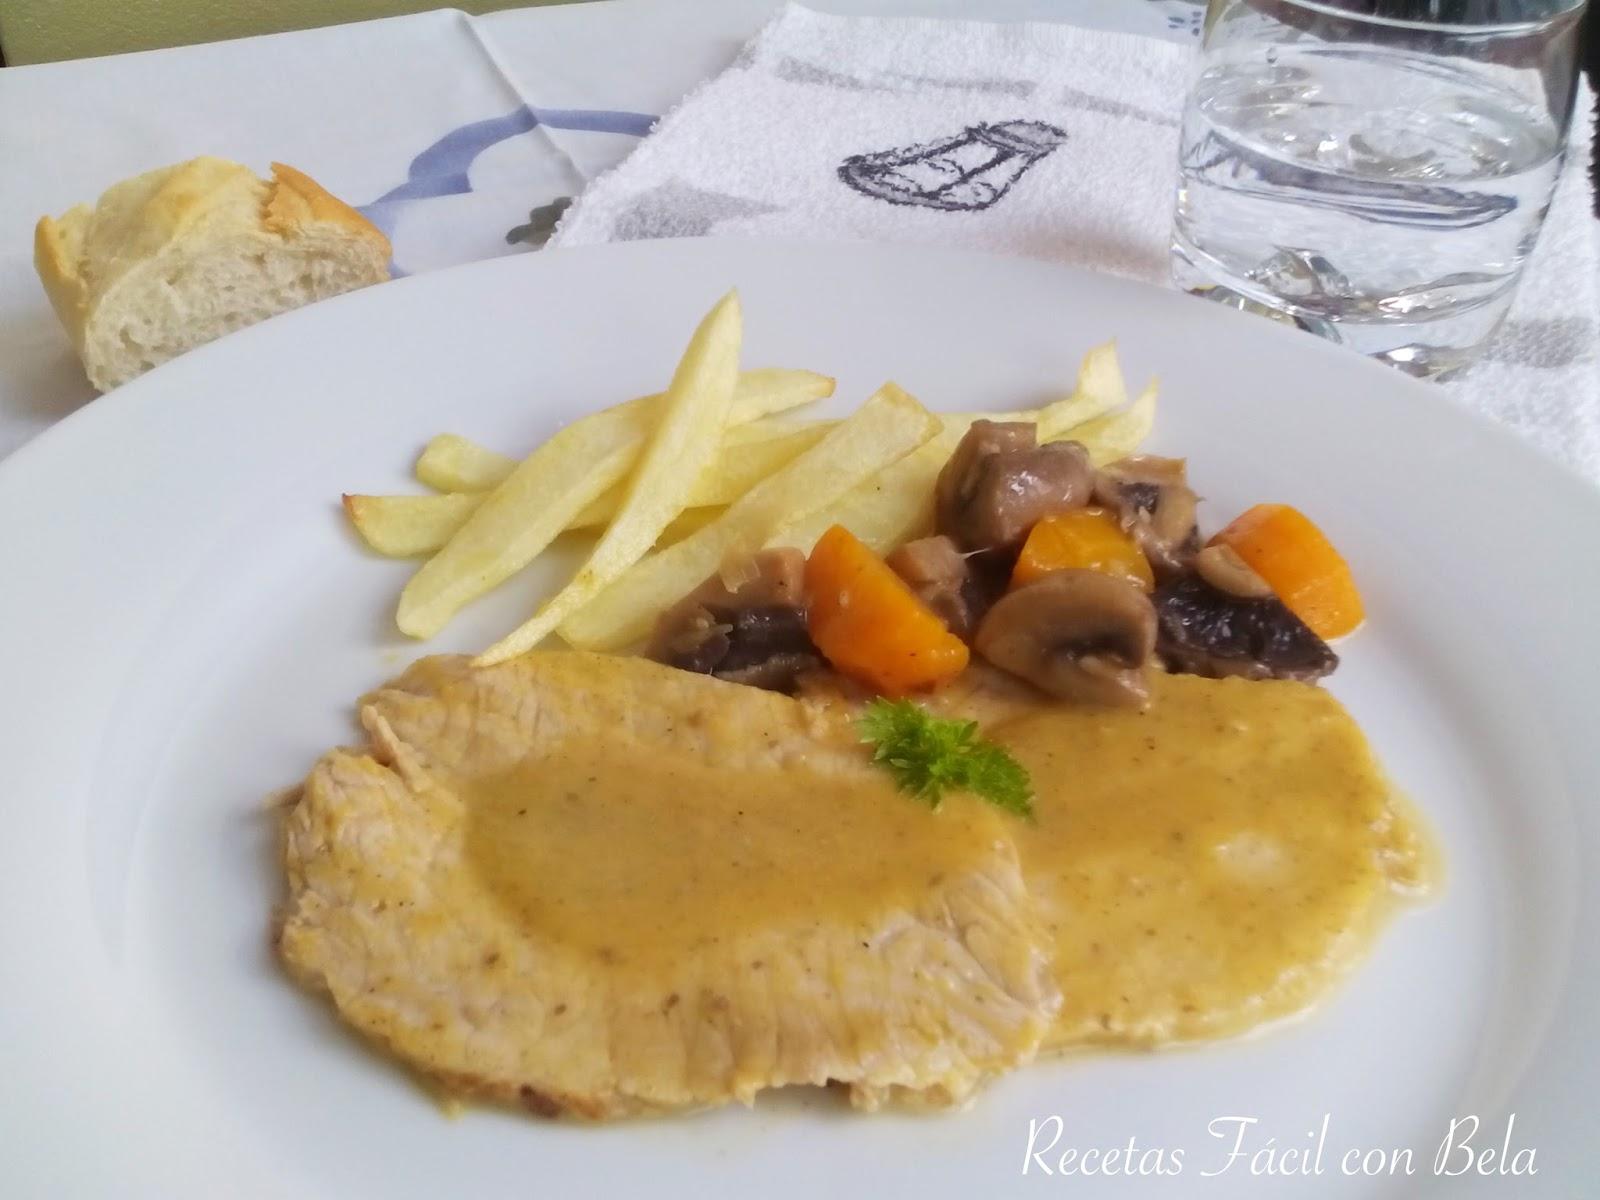 Recetas f cil con bela cinta de lomo de cerdo asado con salsa for Cocinar cinta de lomo al horno